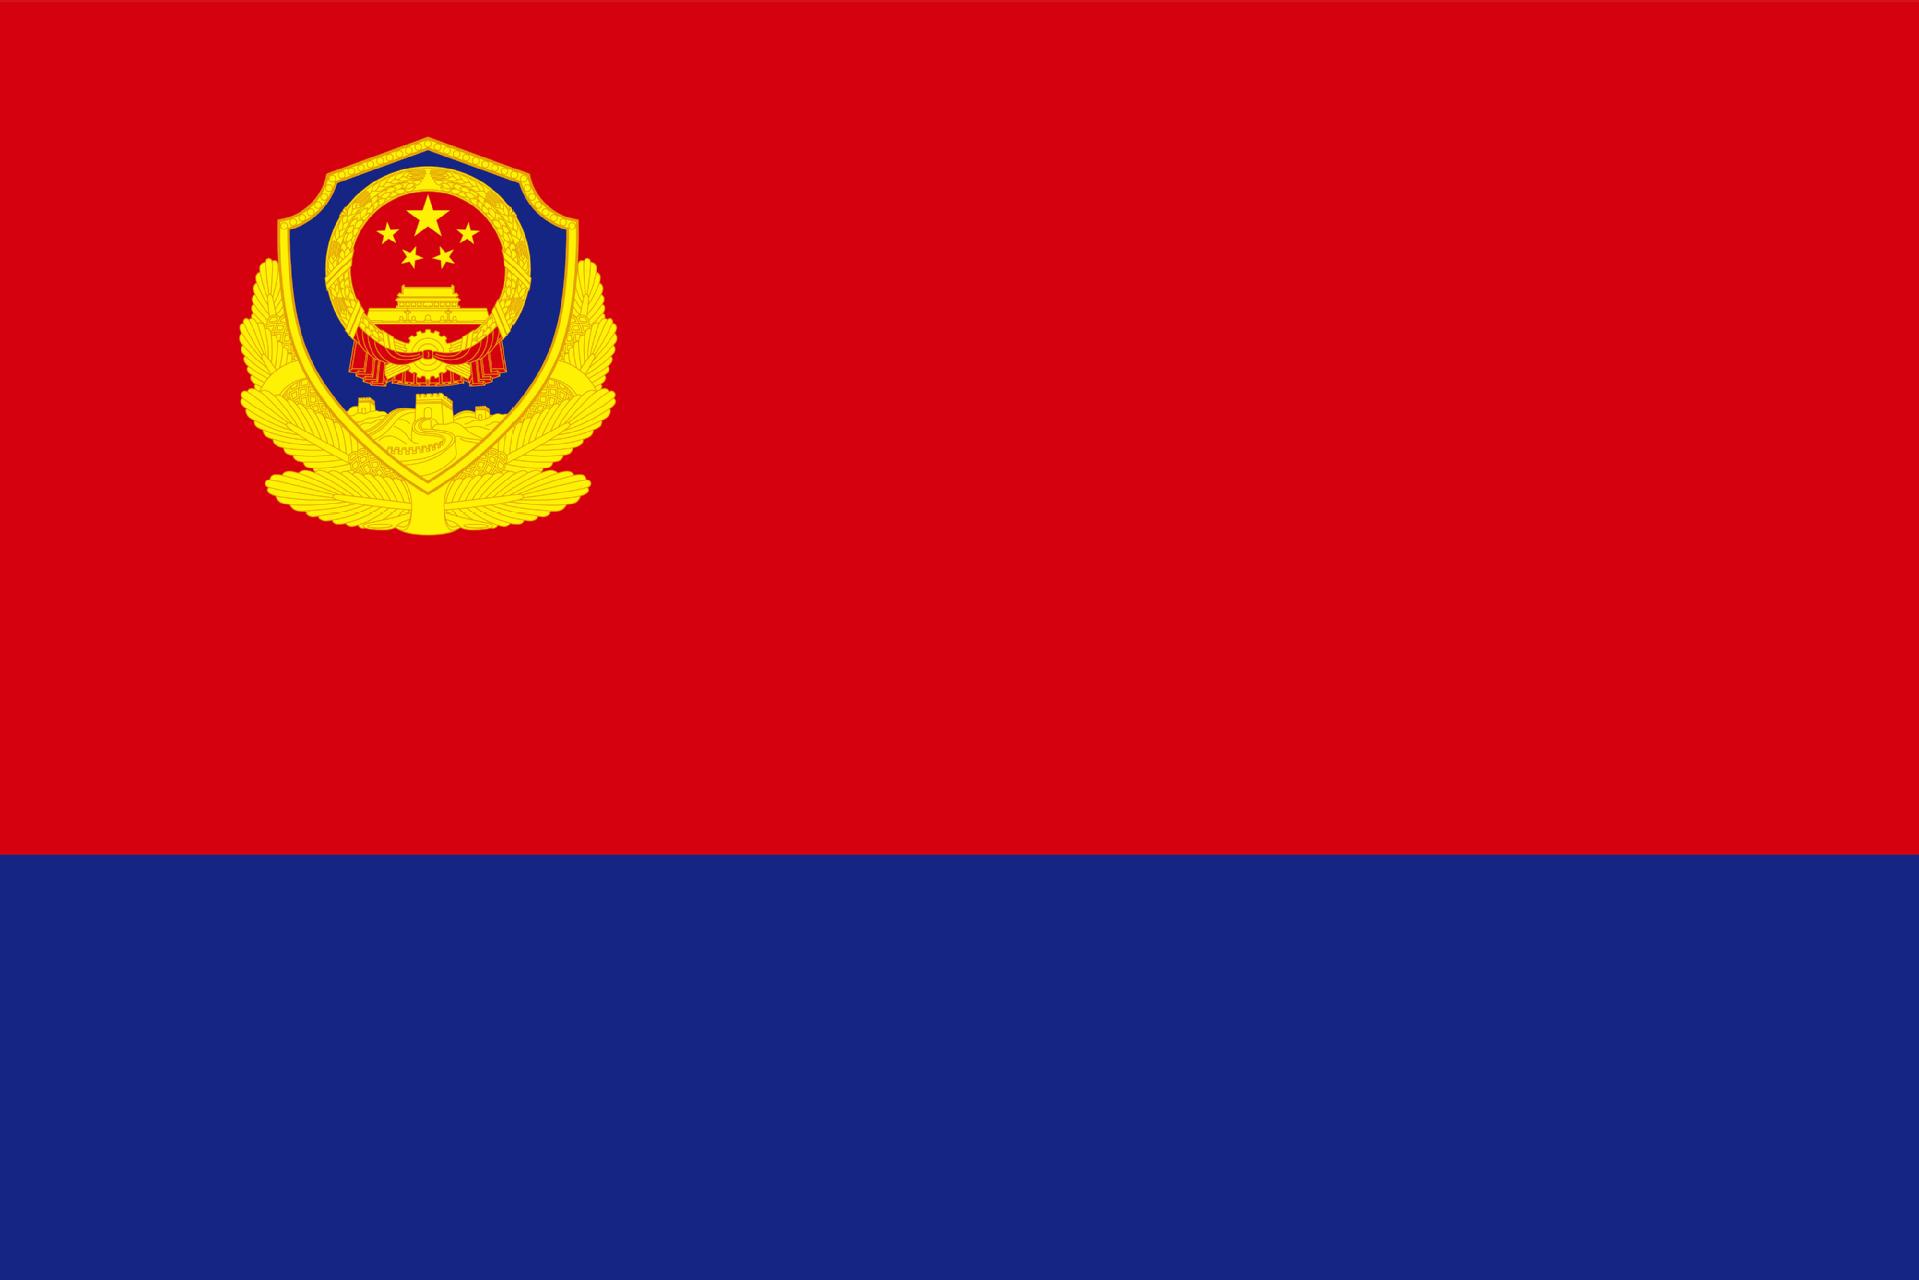 每日一词∣中国人民警察警旗 flag of the Chinese people